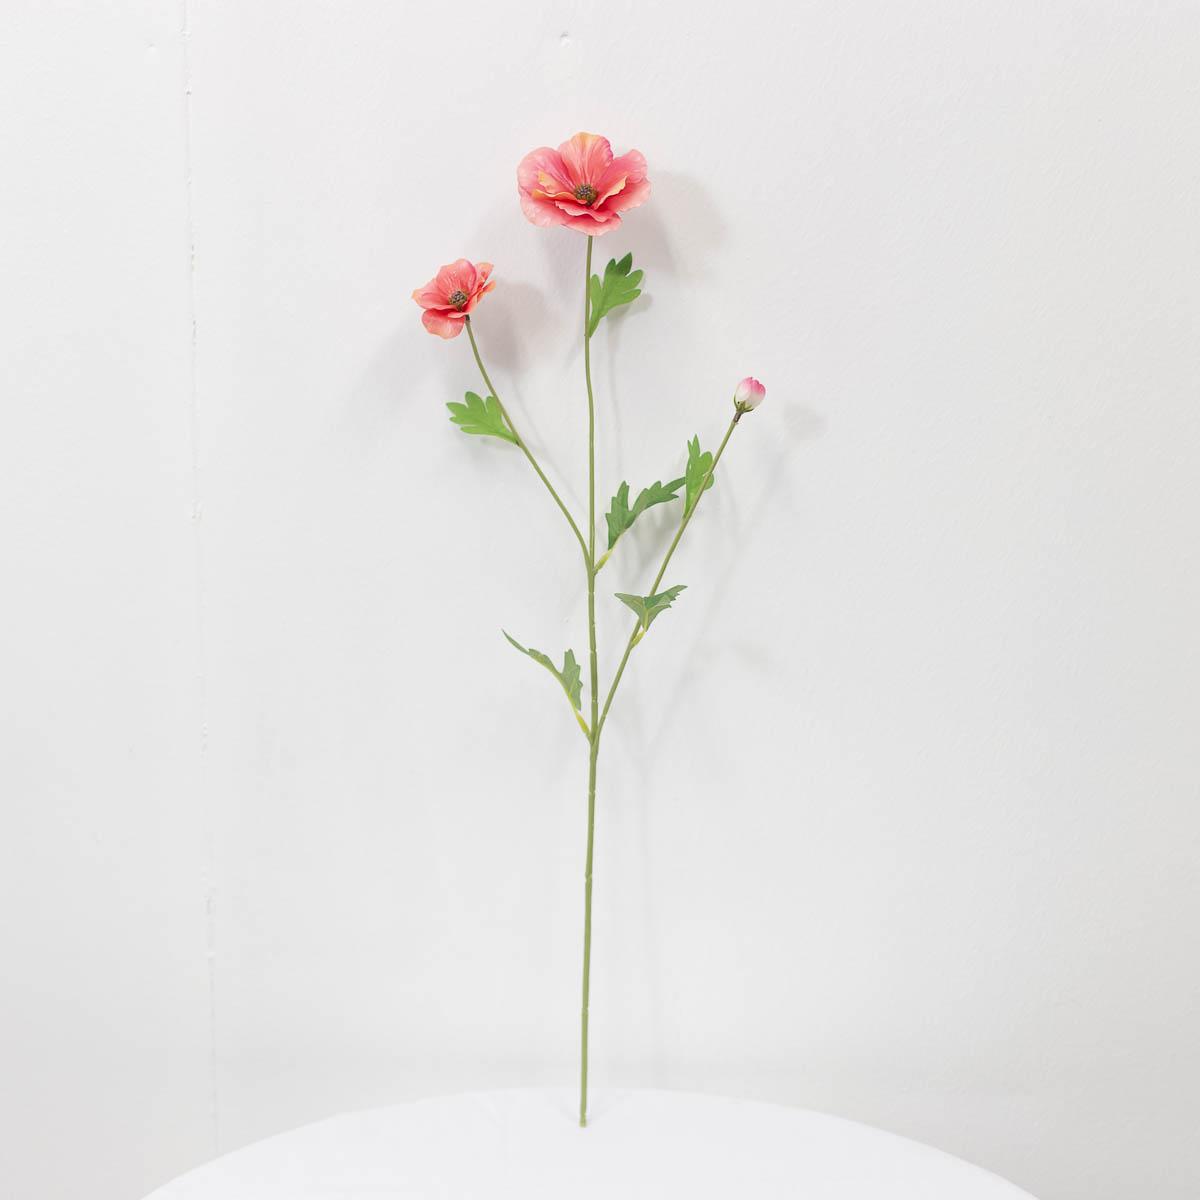 버터플라이 라넌큘러스 꽃 가지 60cm 퓨샤